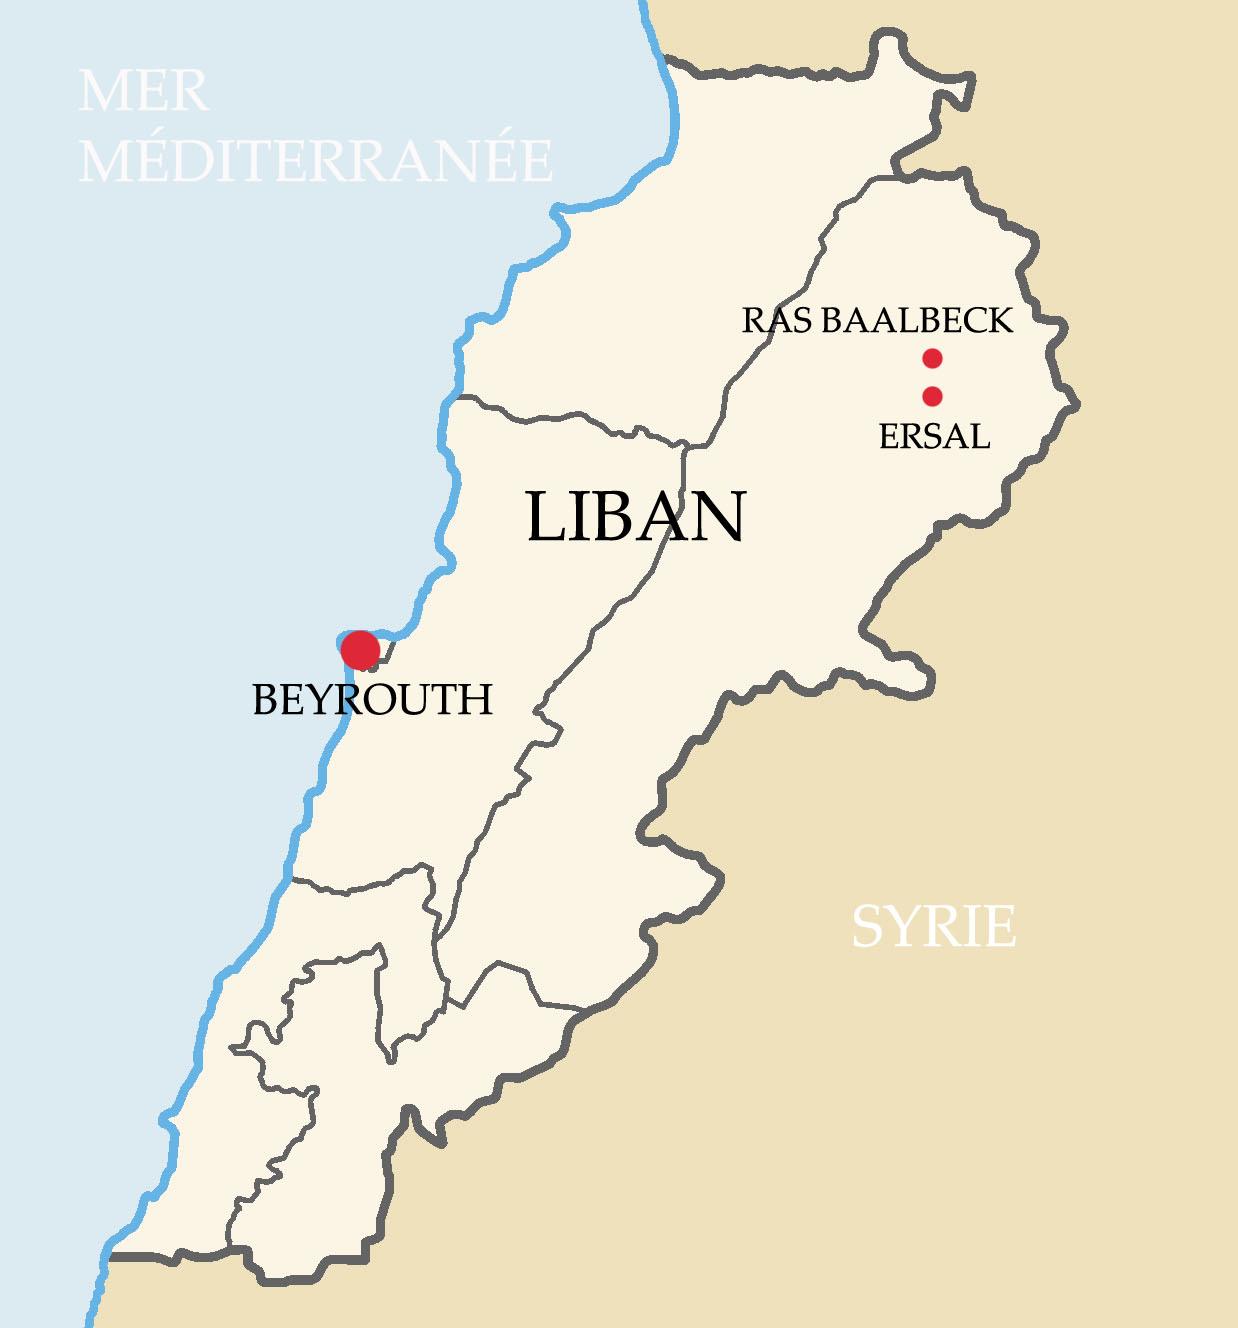 liban-ras-baalbeck-ulyces09